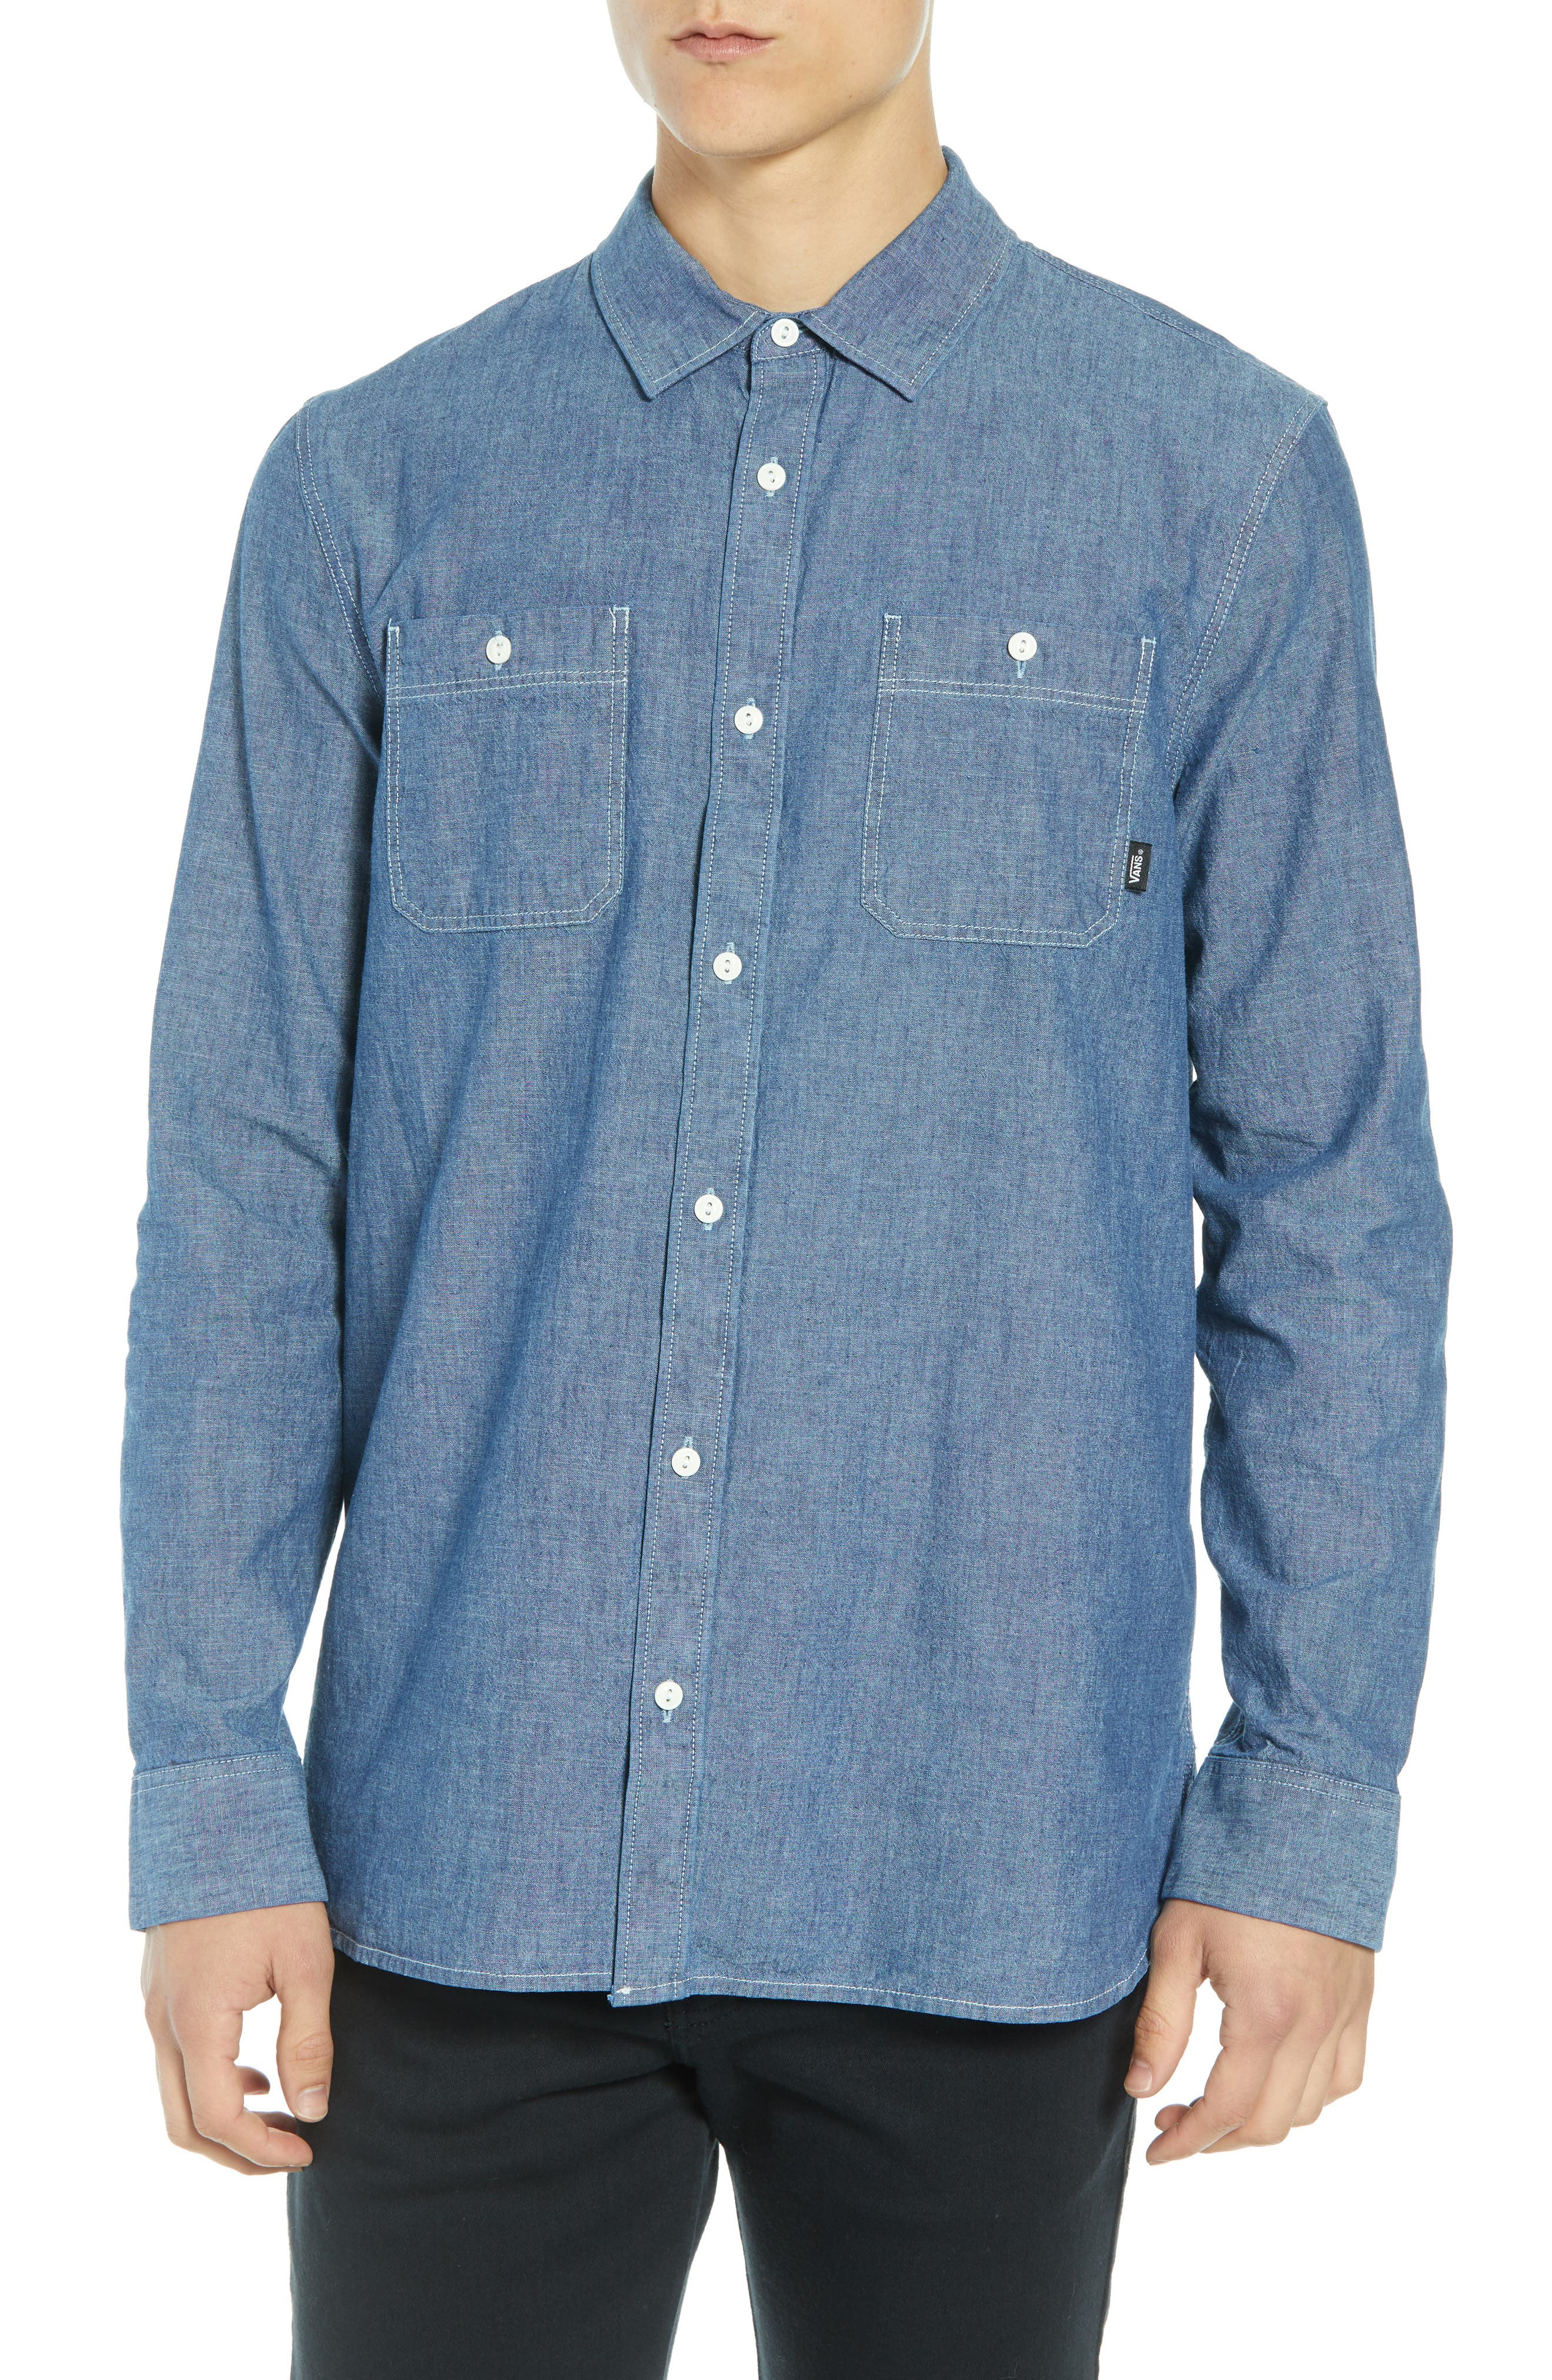 Carlow Chambray Shirt,                             Main thumbnail 1, color,                             420